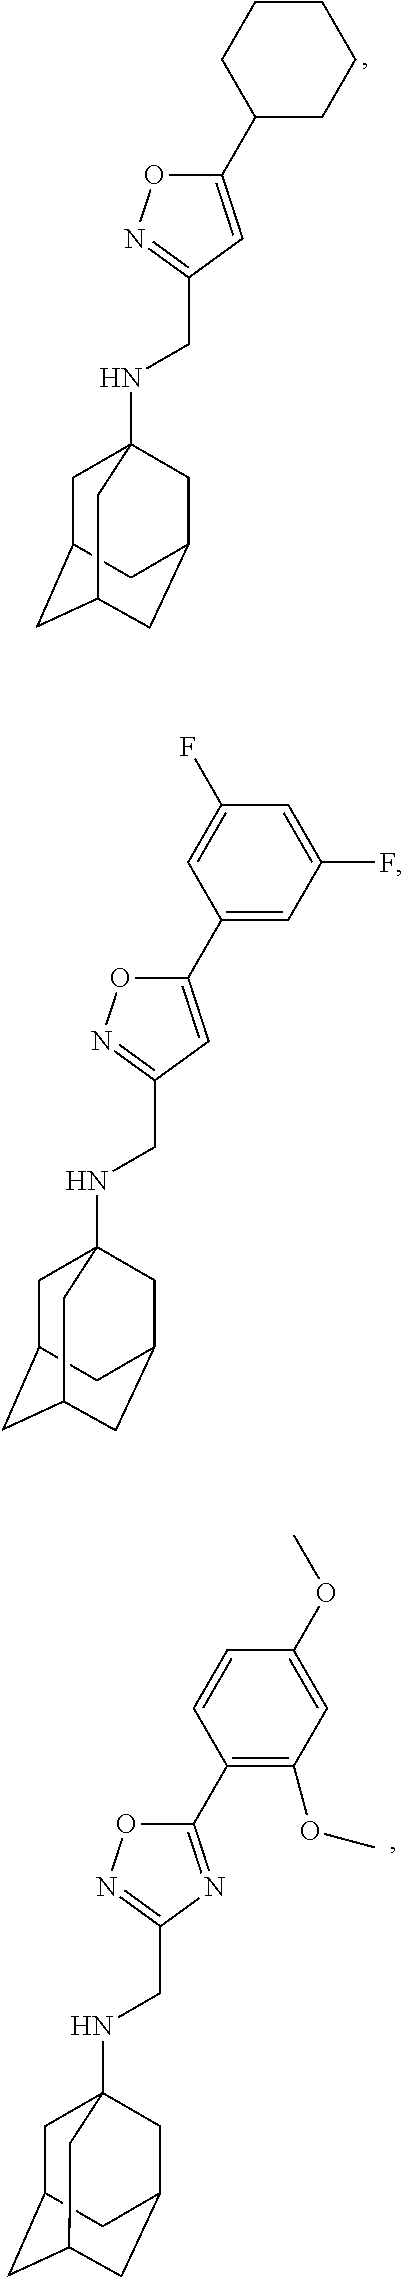 Figure US09884832-20180206-C00082